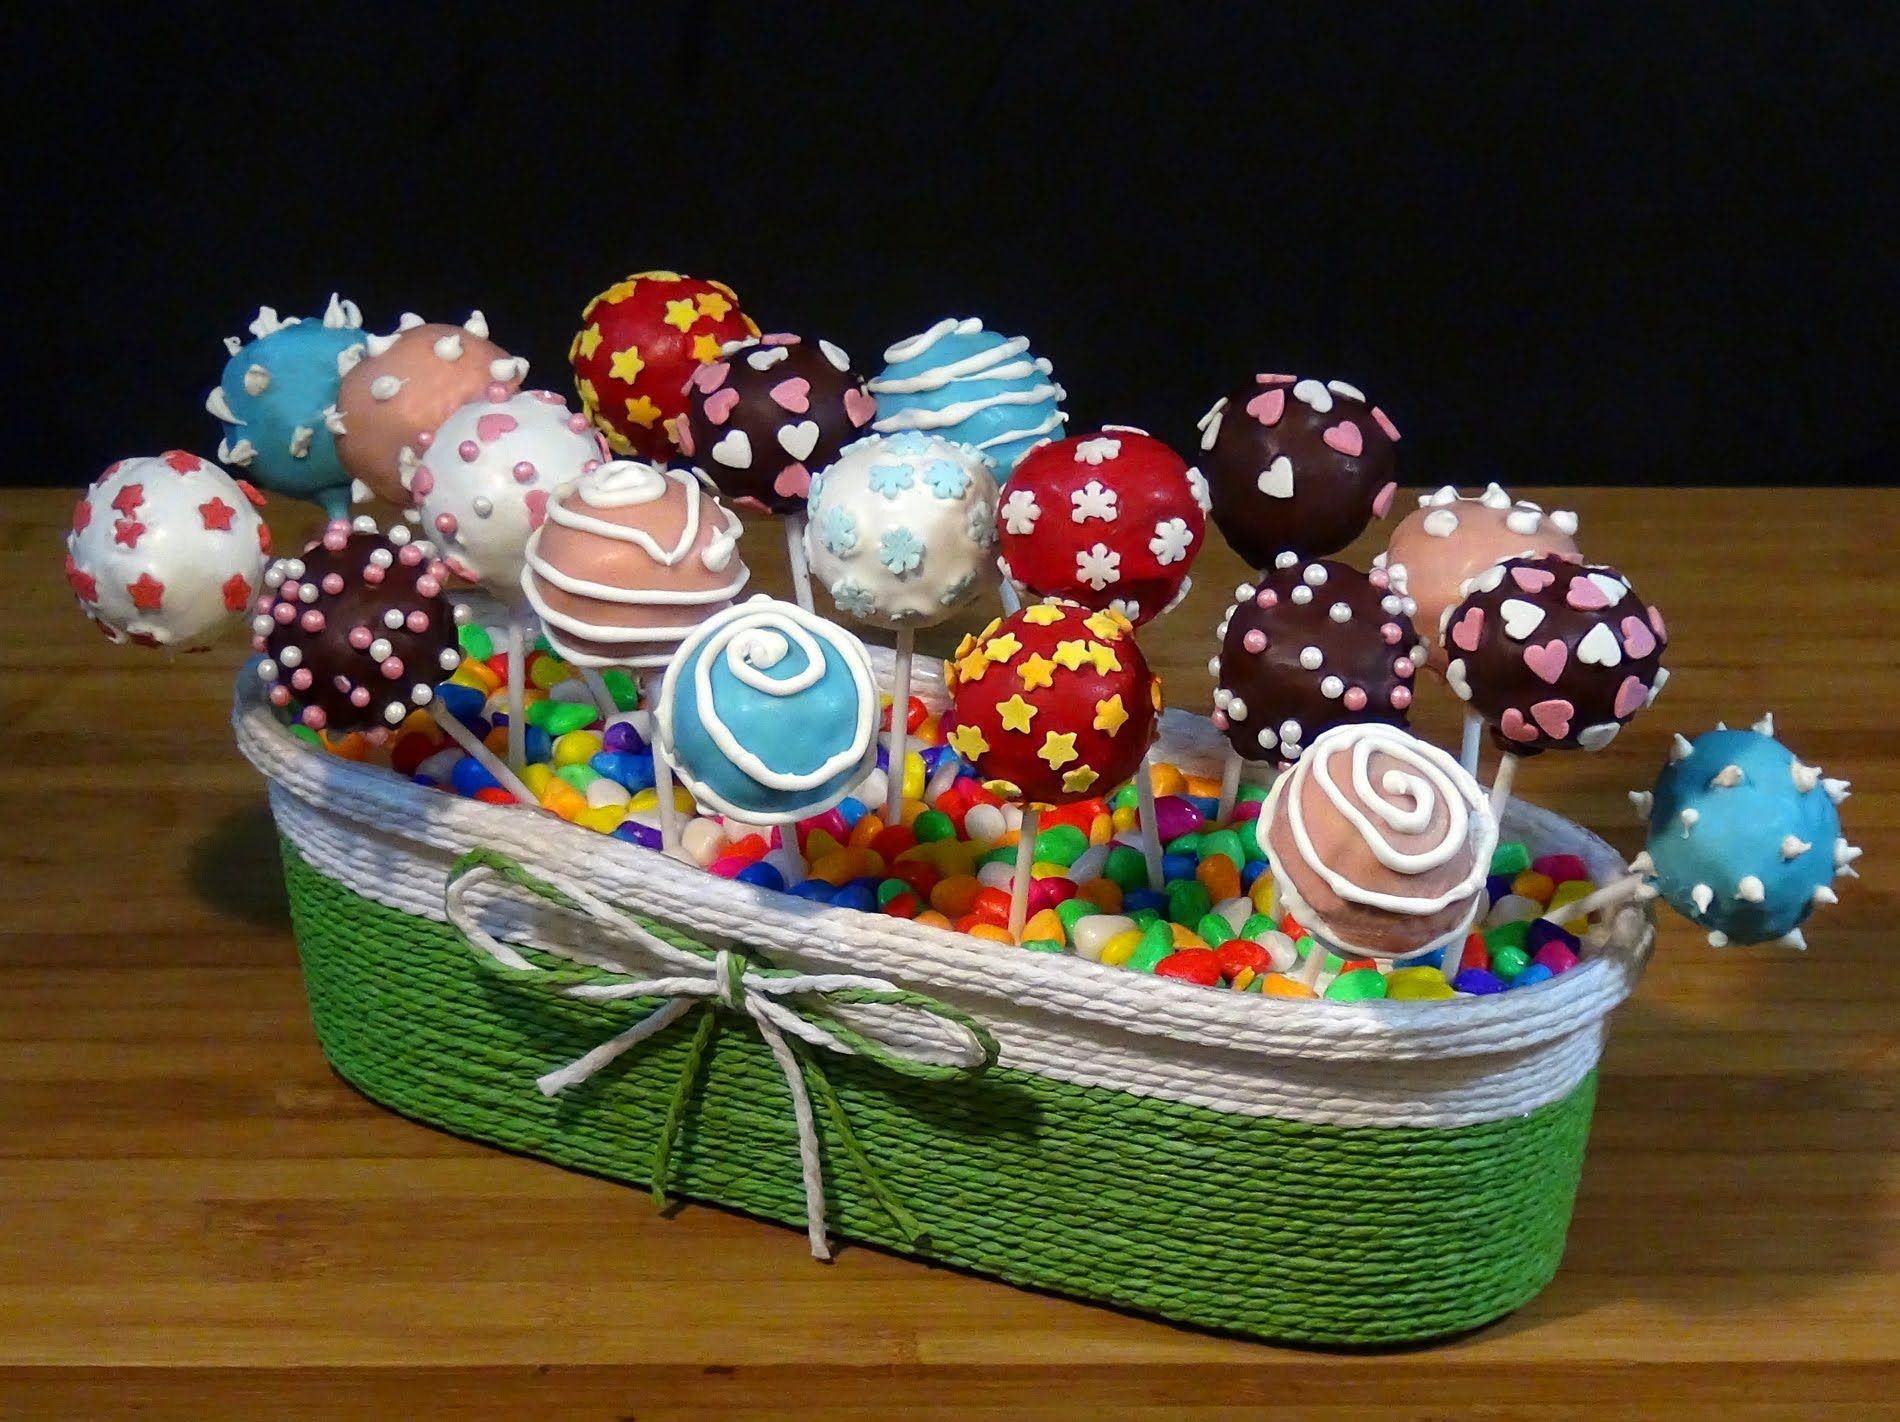 Para una fiesta de los más pequeños de la casa o para sorprender con un regalo muy original, estos cake pop (tartas en piruletas) son ideales y deliciosos, con su corazón de bizcocho o de galletas Oreo y bañados en chocolate de colores merece la pena prepararlos porque están ummmm!!! Receta en el Blog: http://lacocinadelolidominguez.blogspot.com.es/2016/02/cake-pops-tartas-en-piruletas.html  Videoreceta en You Tube: https://www.youtube.com/watch?v=A7e2nFeLyDw